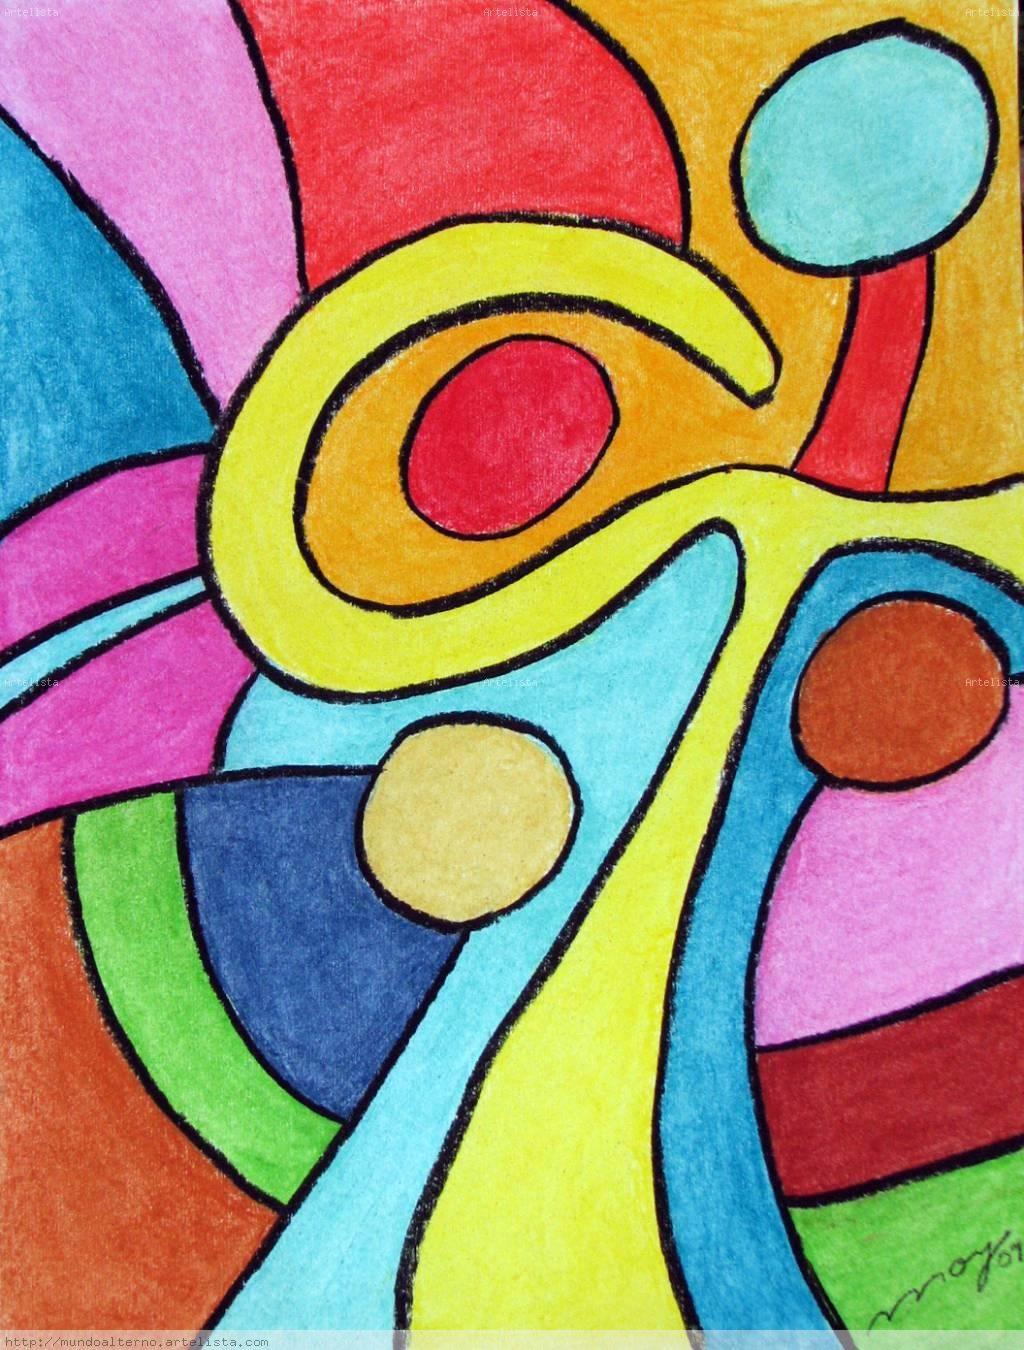 pintura abstracta acrilica - Buscar con Google | Art | Pinterest ...